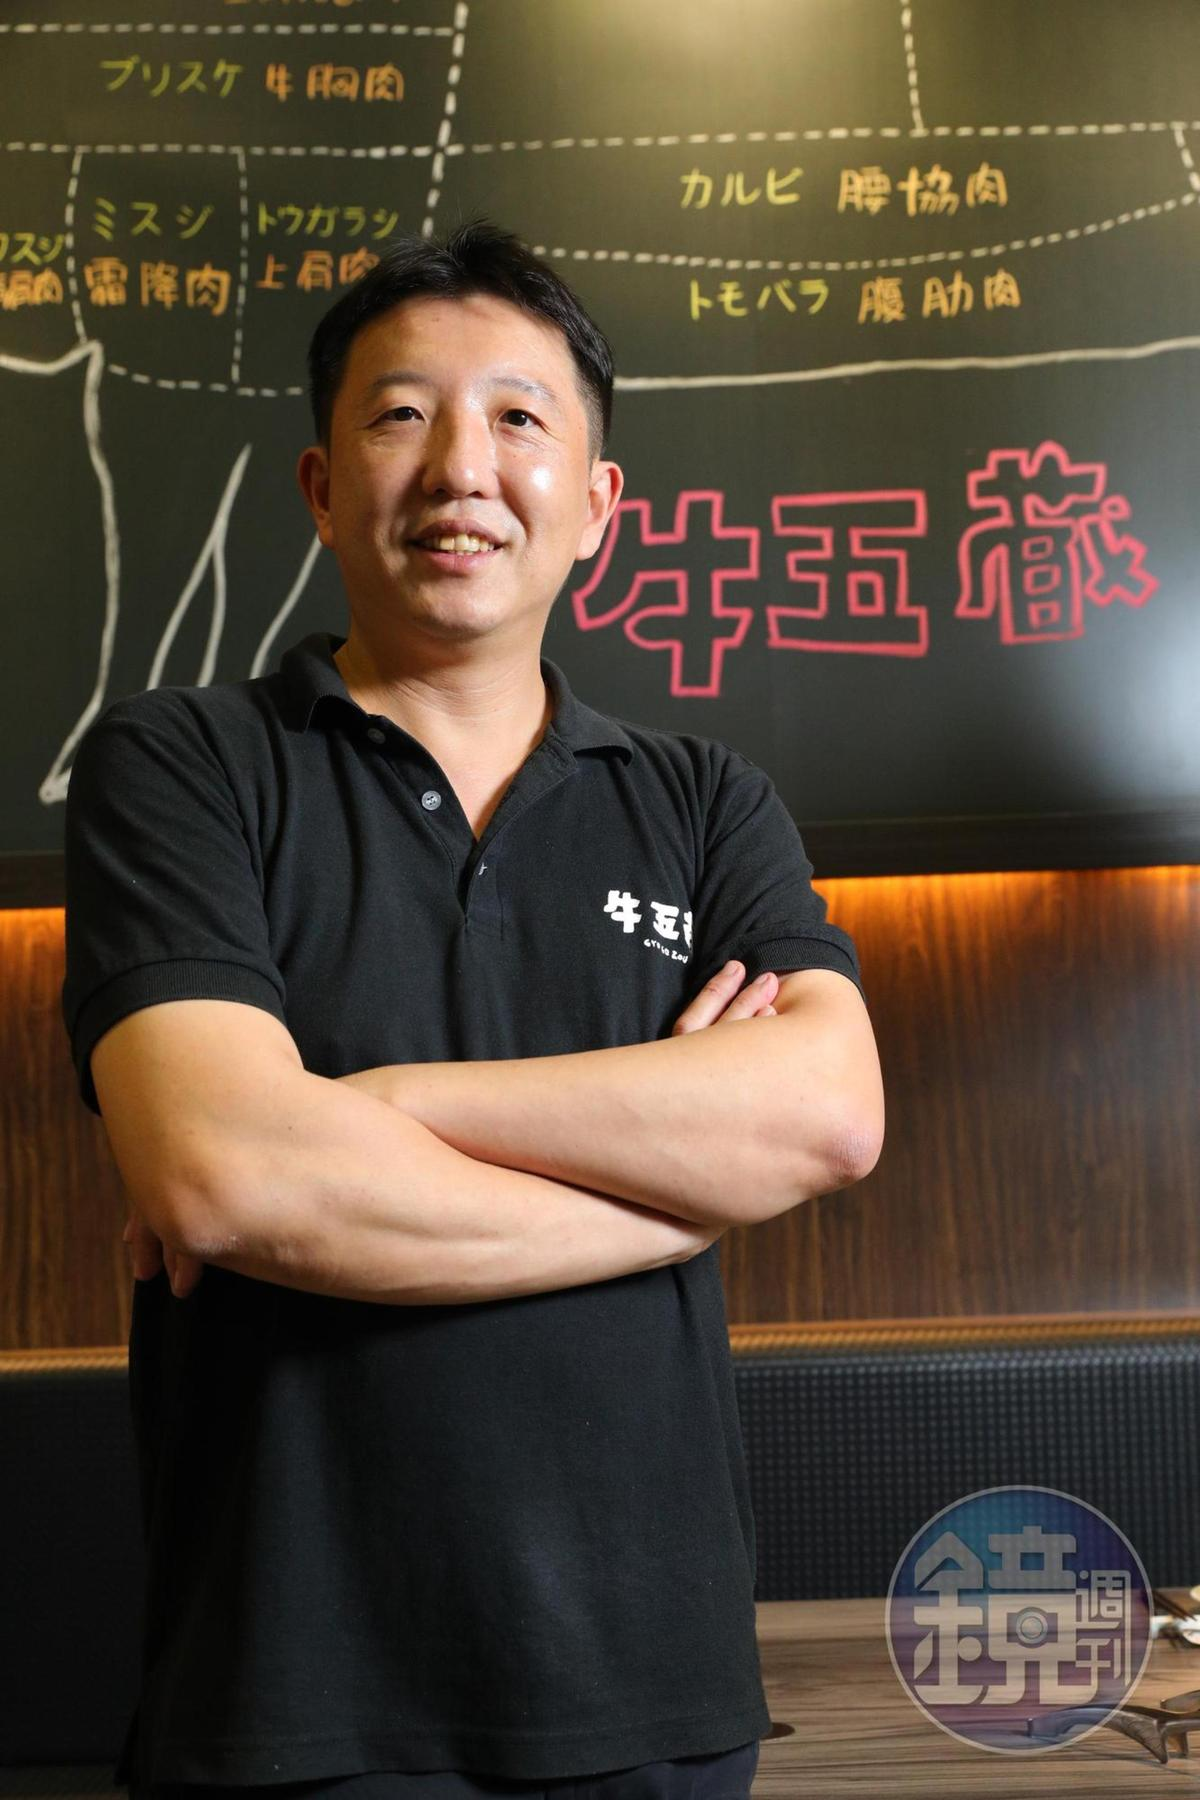 台南名店「劉家莊牛肉爐」第二代劉柏翰,以牛內臟為主打開創新品牌「牛五蔵 - 肉鍋 x 塩ホルモン」。